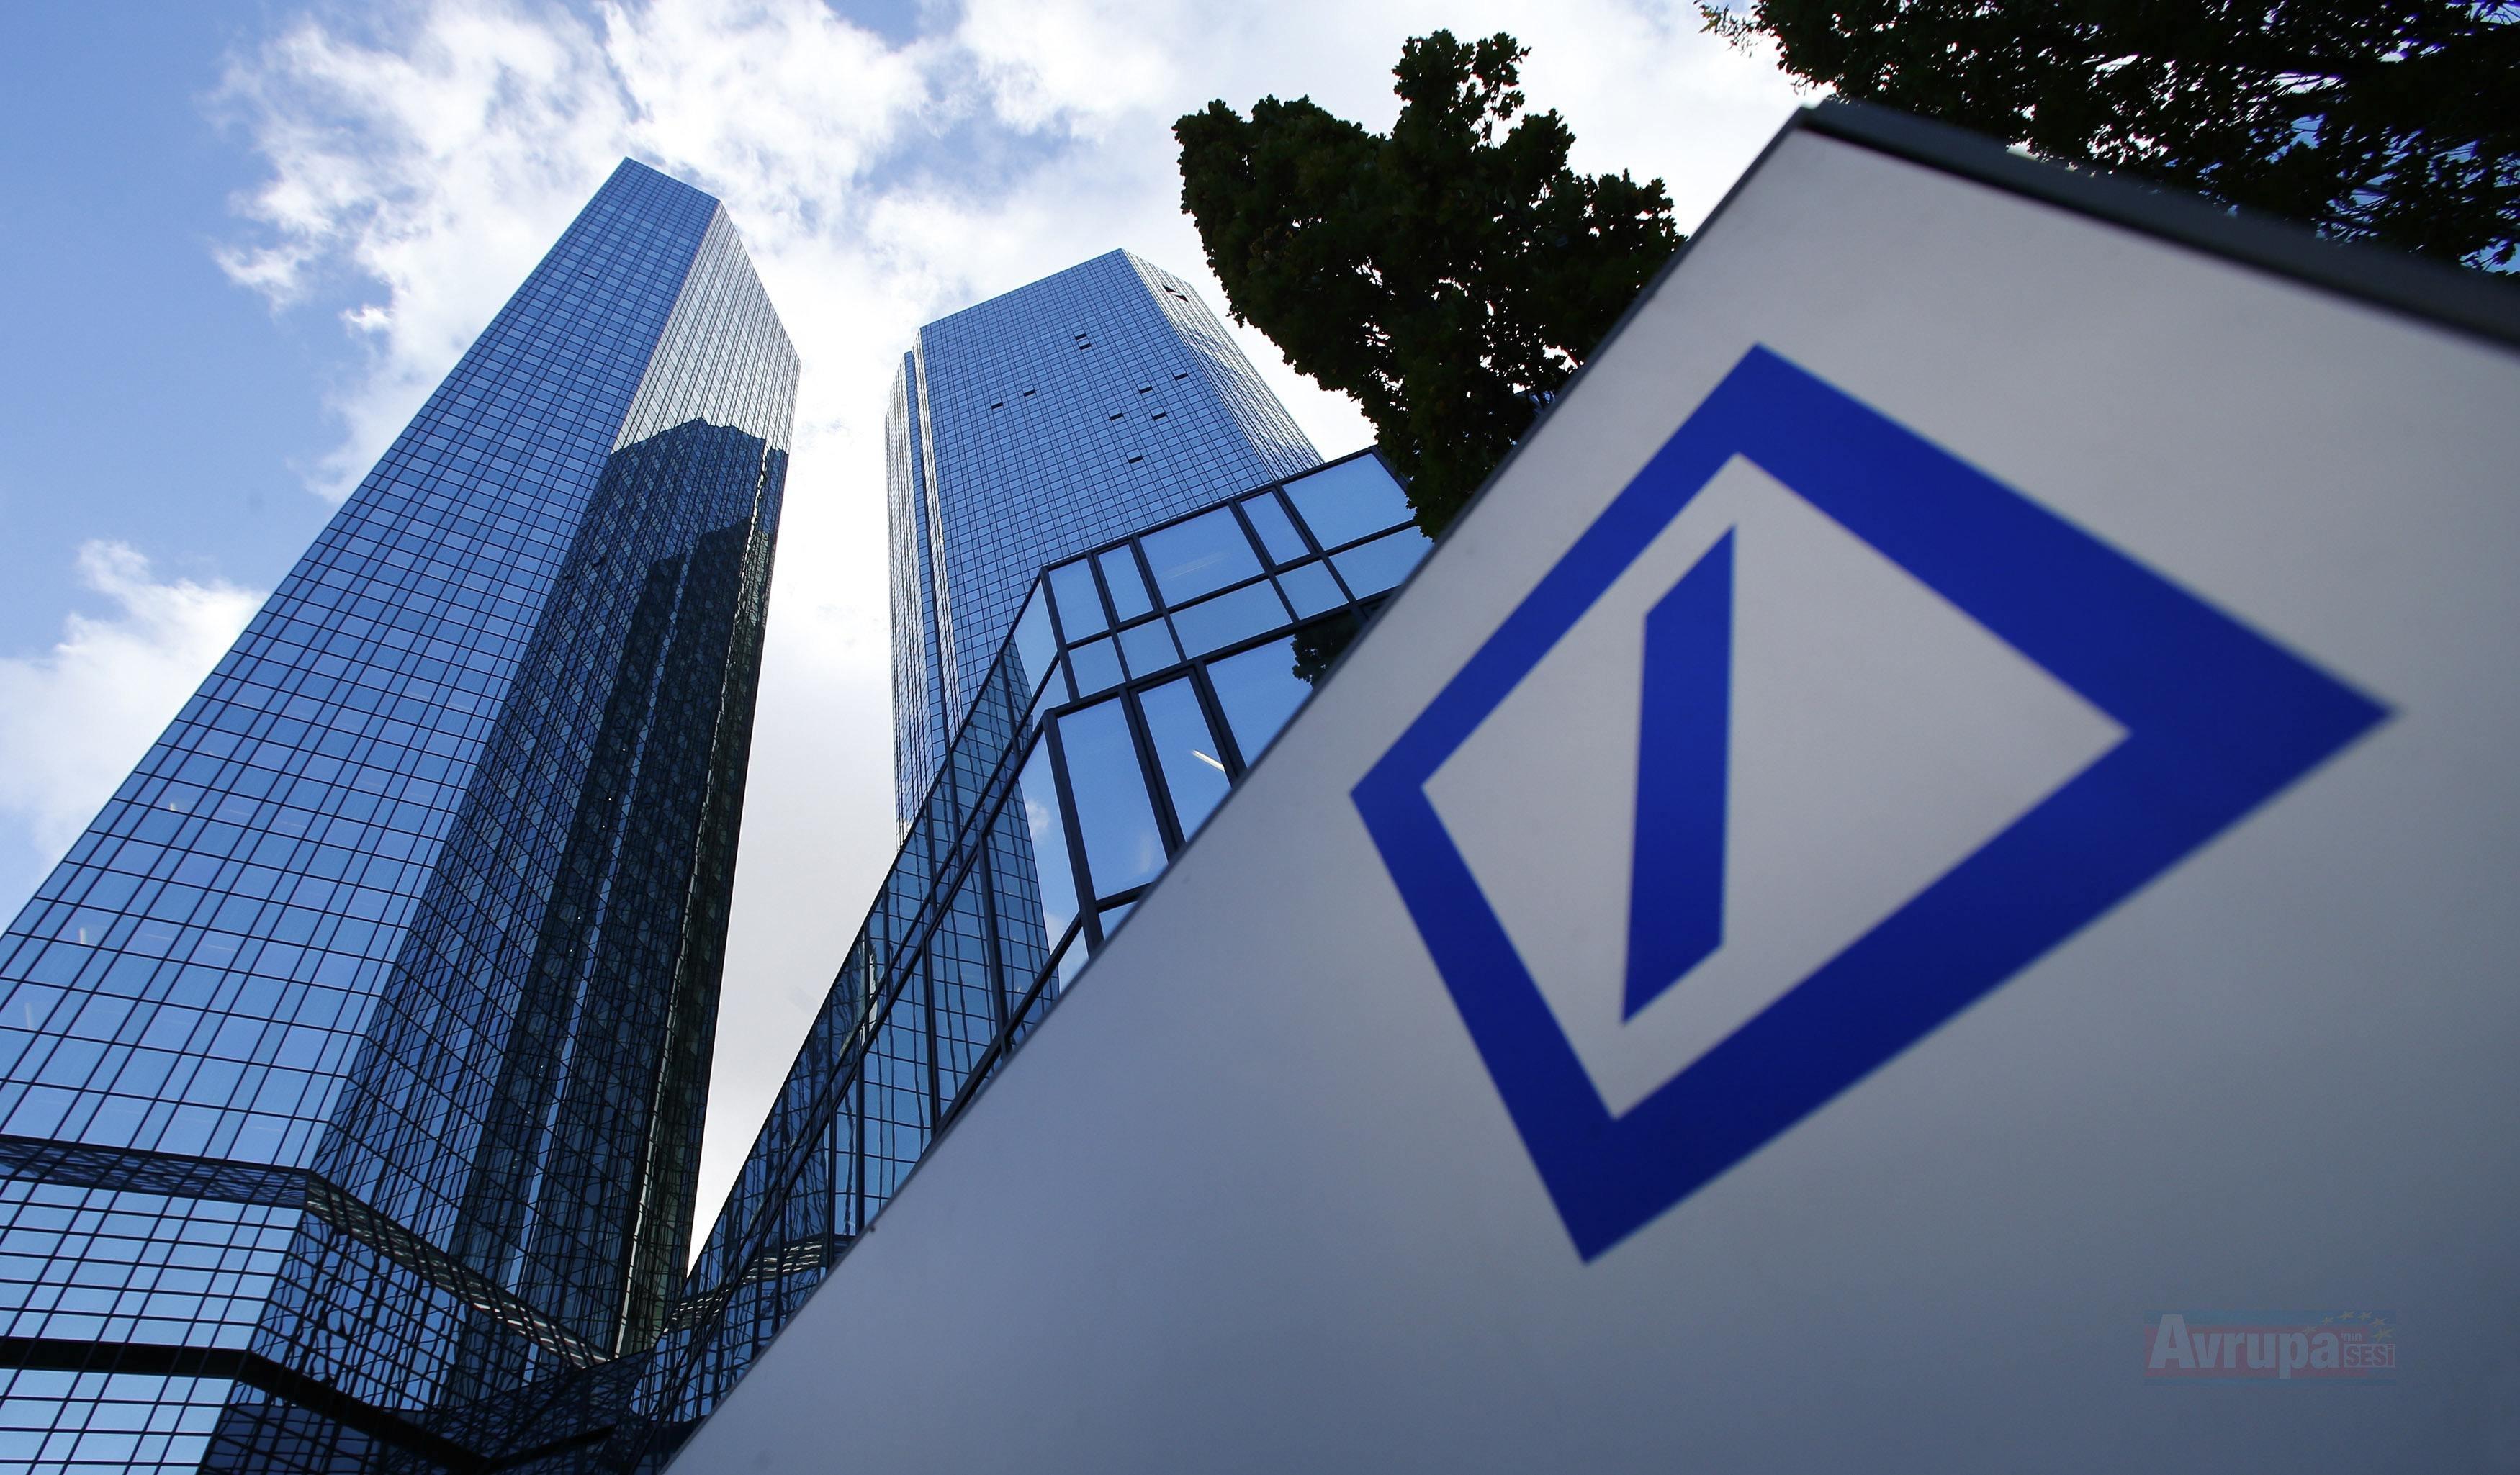 Deutsche Bank sermaye oranını yükseltti